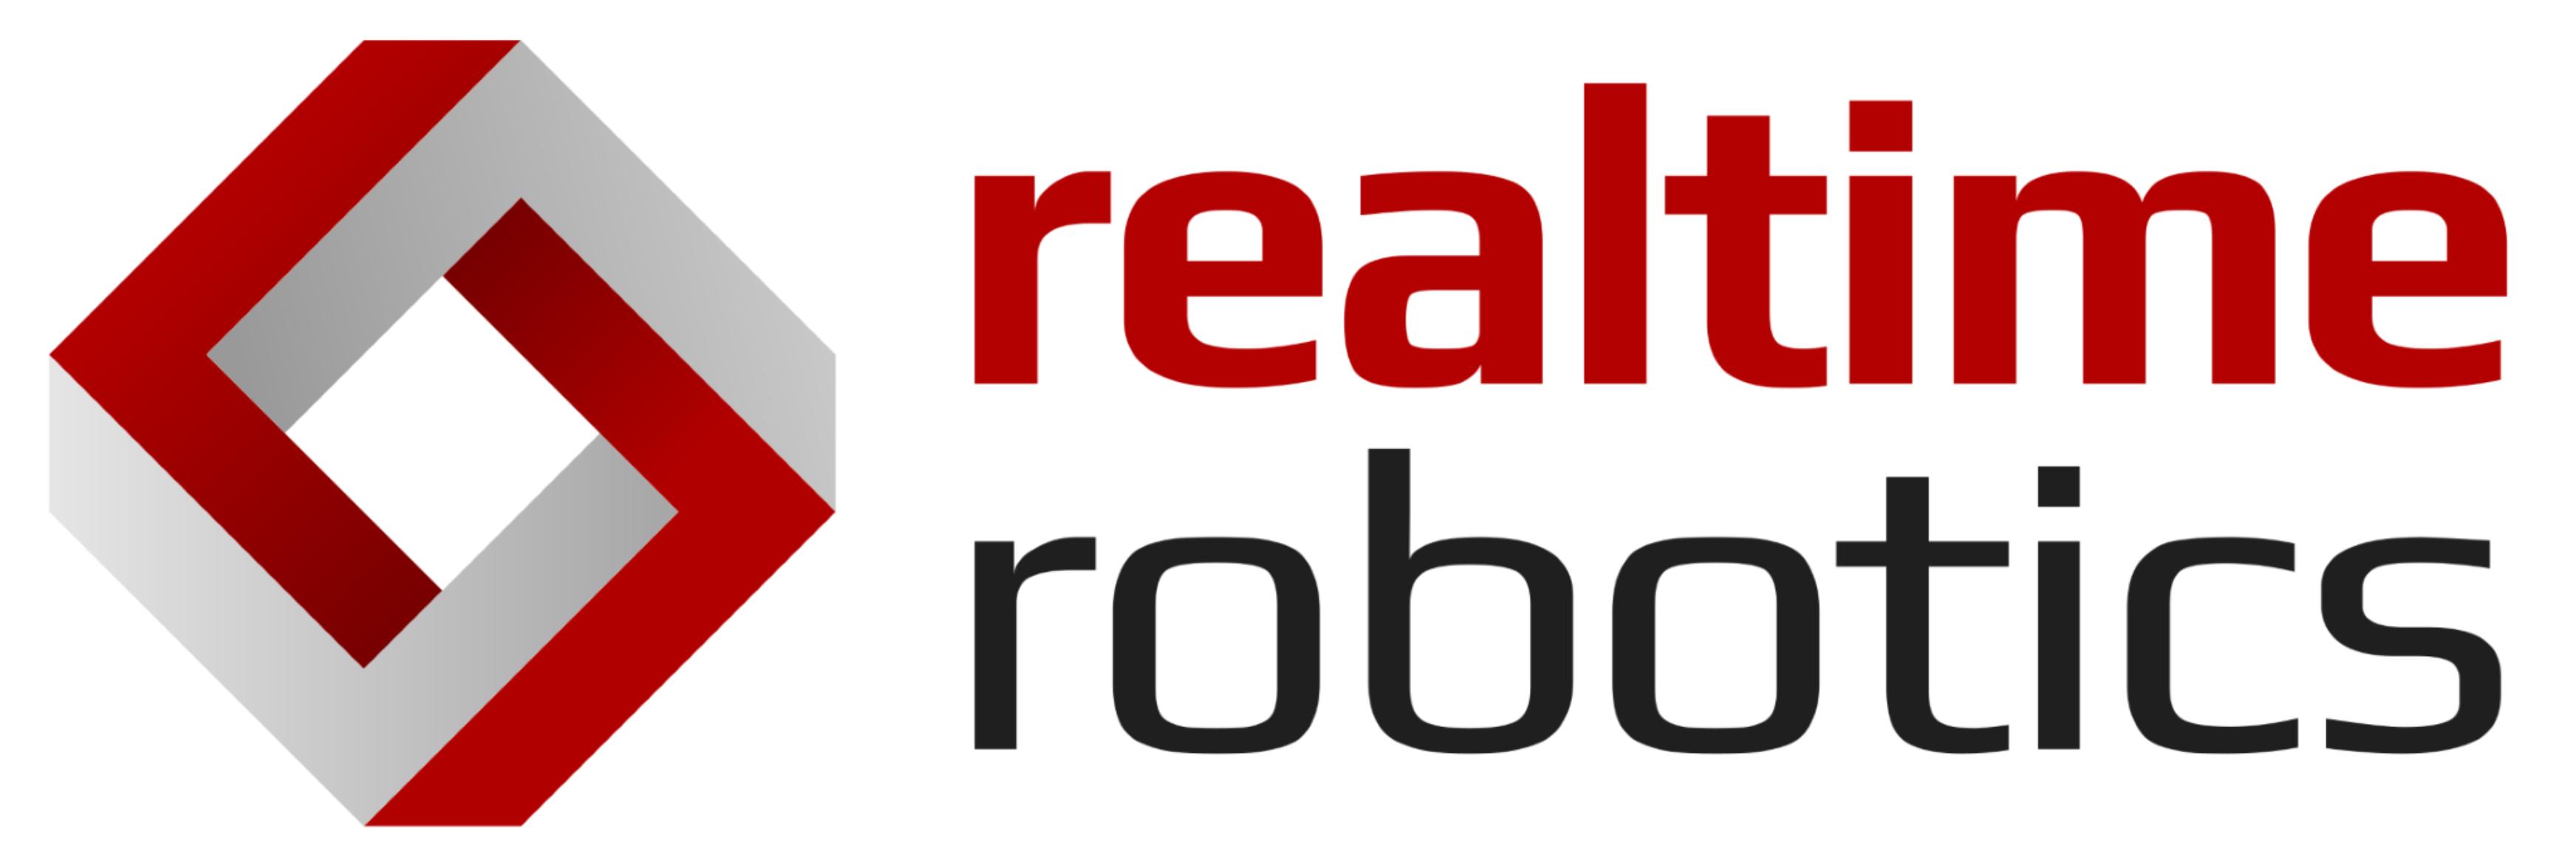 real time robotics png.png